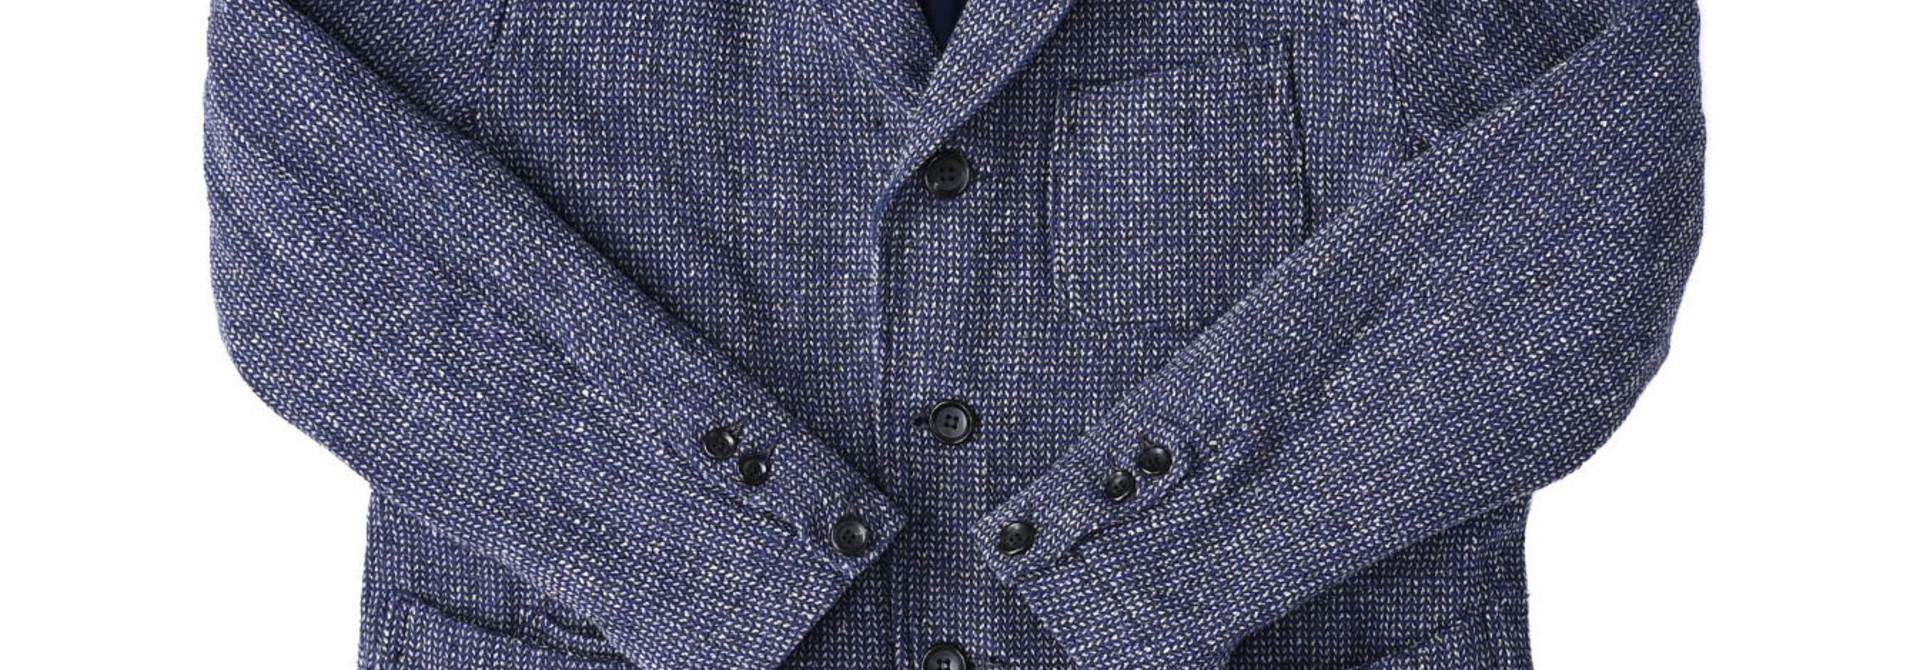 Homespun Indigo Cotton Tweed Asama Jacket